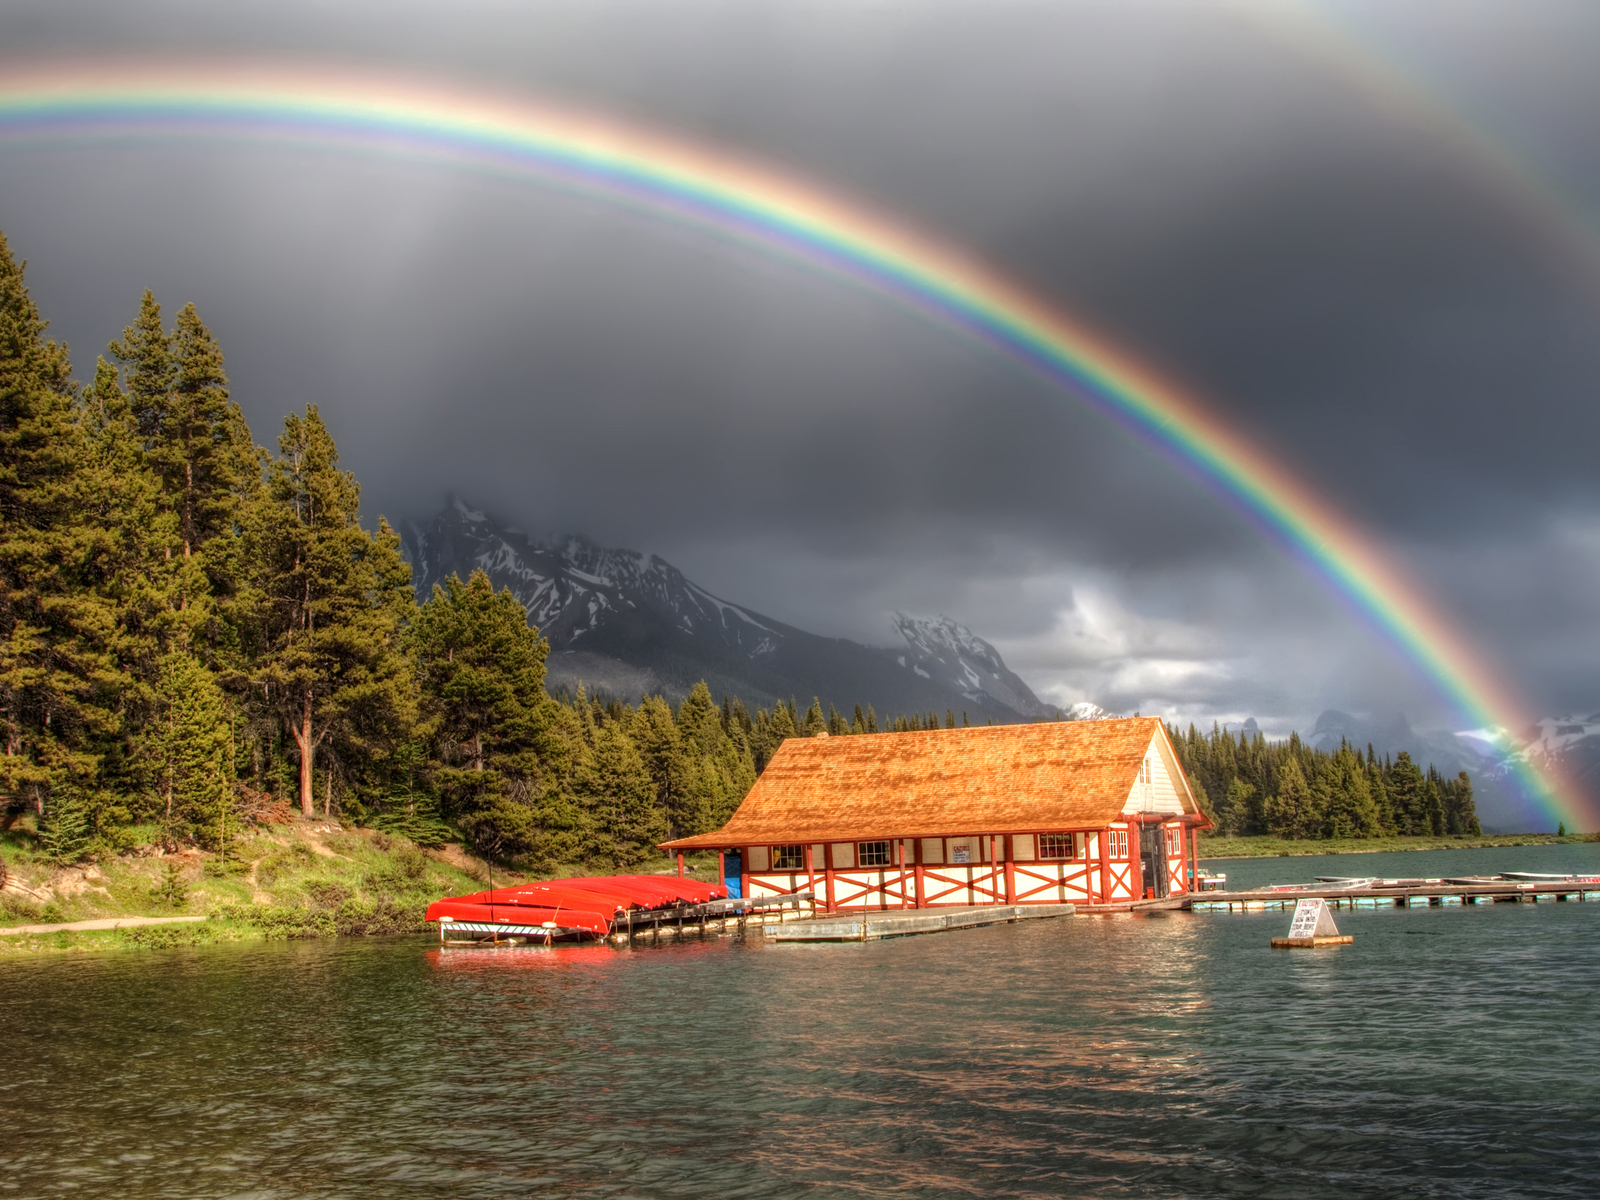 46471 免費下載壁紙 景观, 性质, 彩虹 屏保和圖片